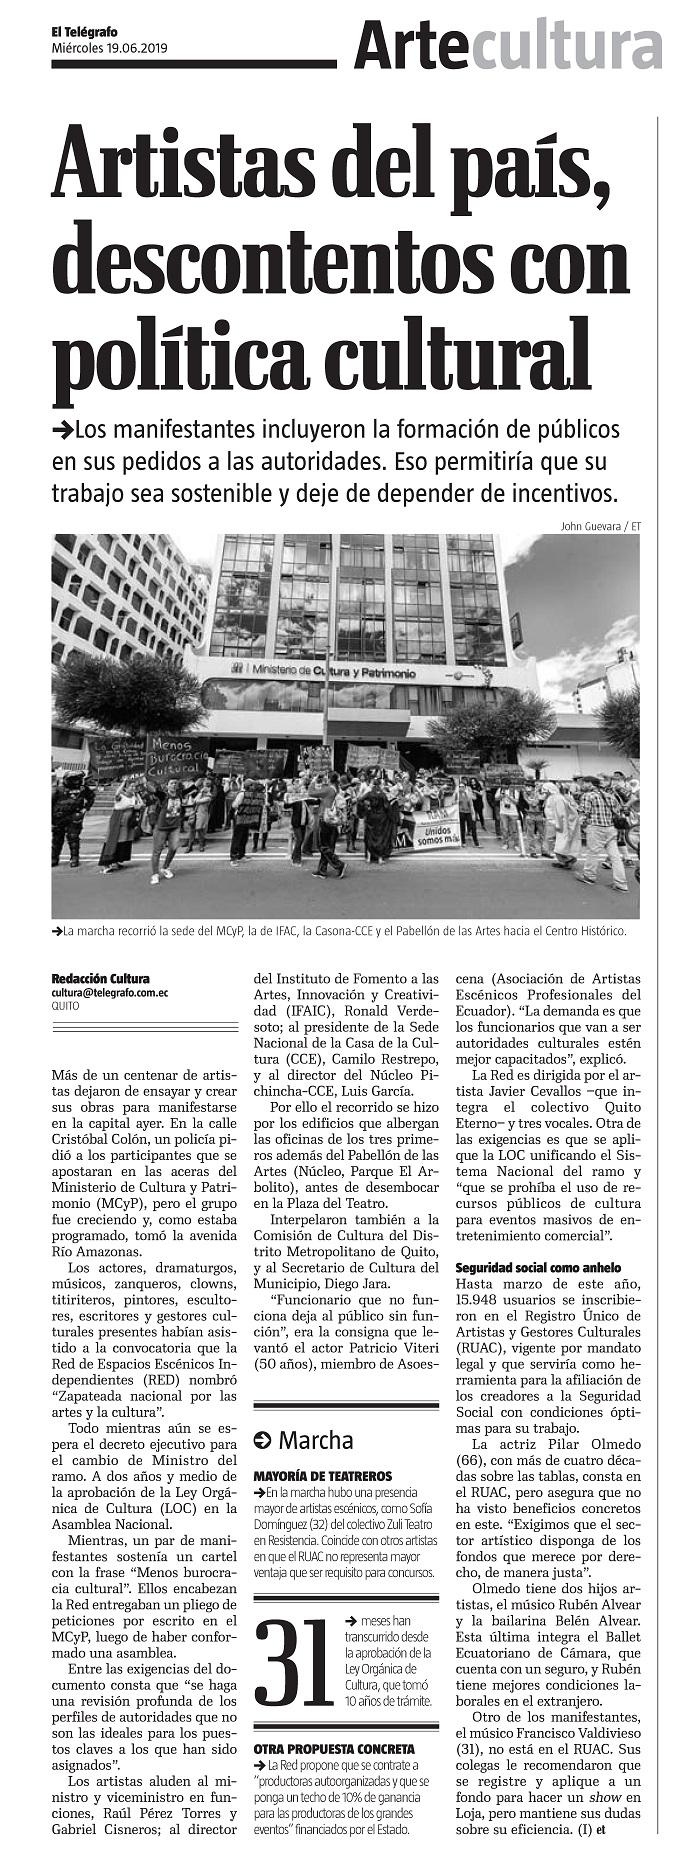 2019 06 19 - Telégrafo - Versión Impresa - Artistas del país descontentos con política cultural (low)